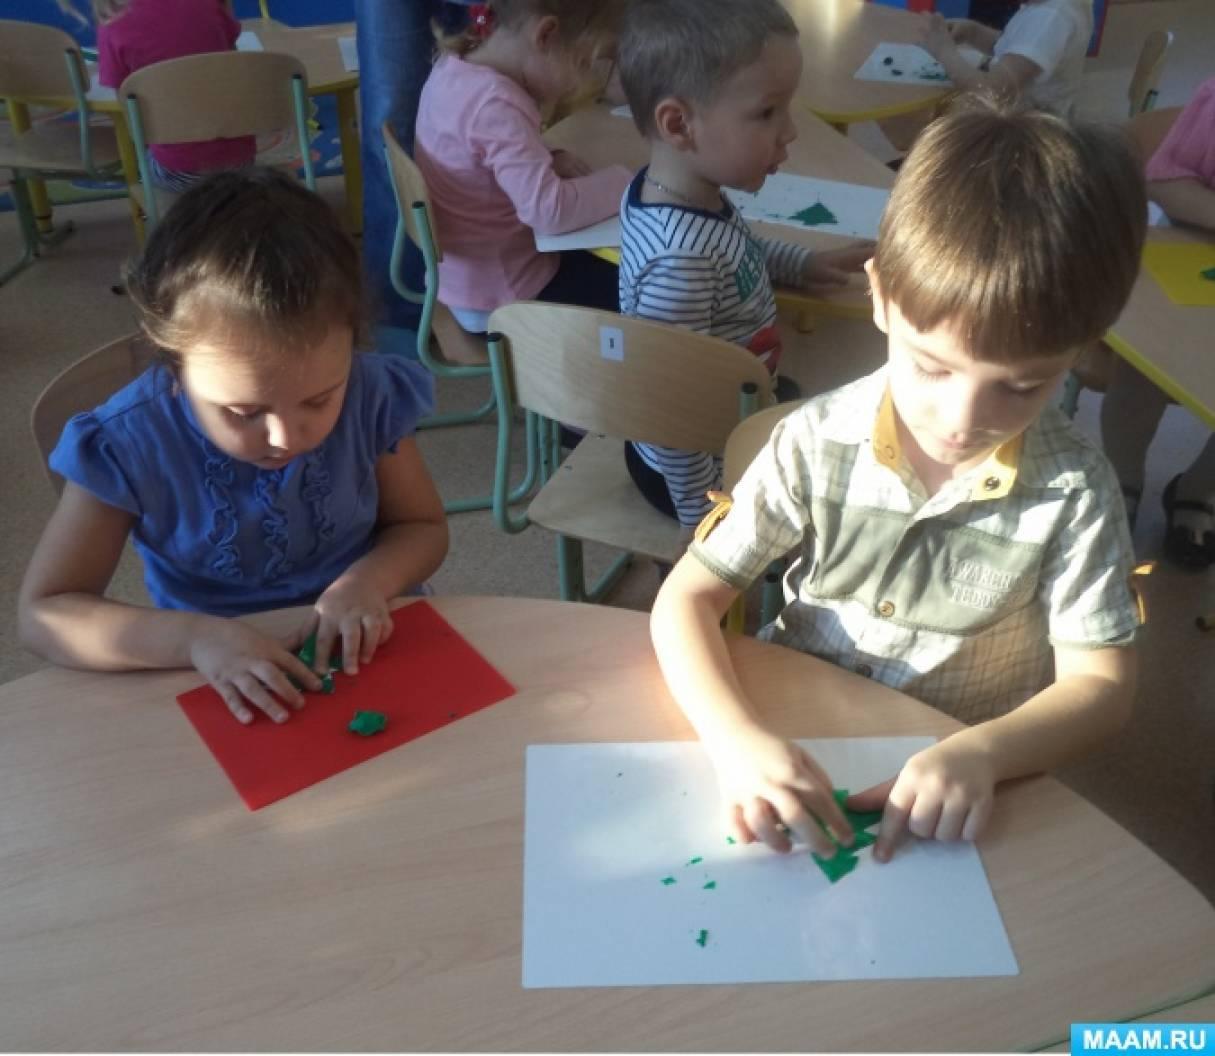 Хороша, зелена елочка-красавица! Фотоотчет о занятии по лепке «Новогодняя елочка» во второй младшей группе